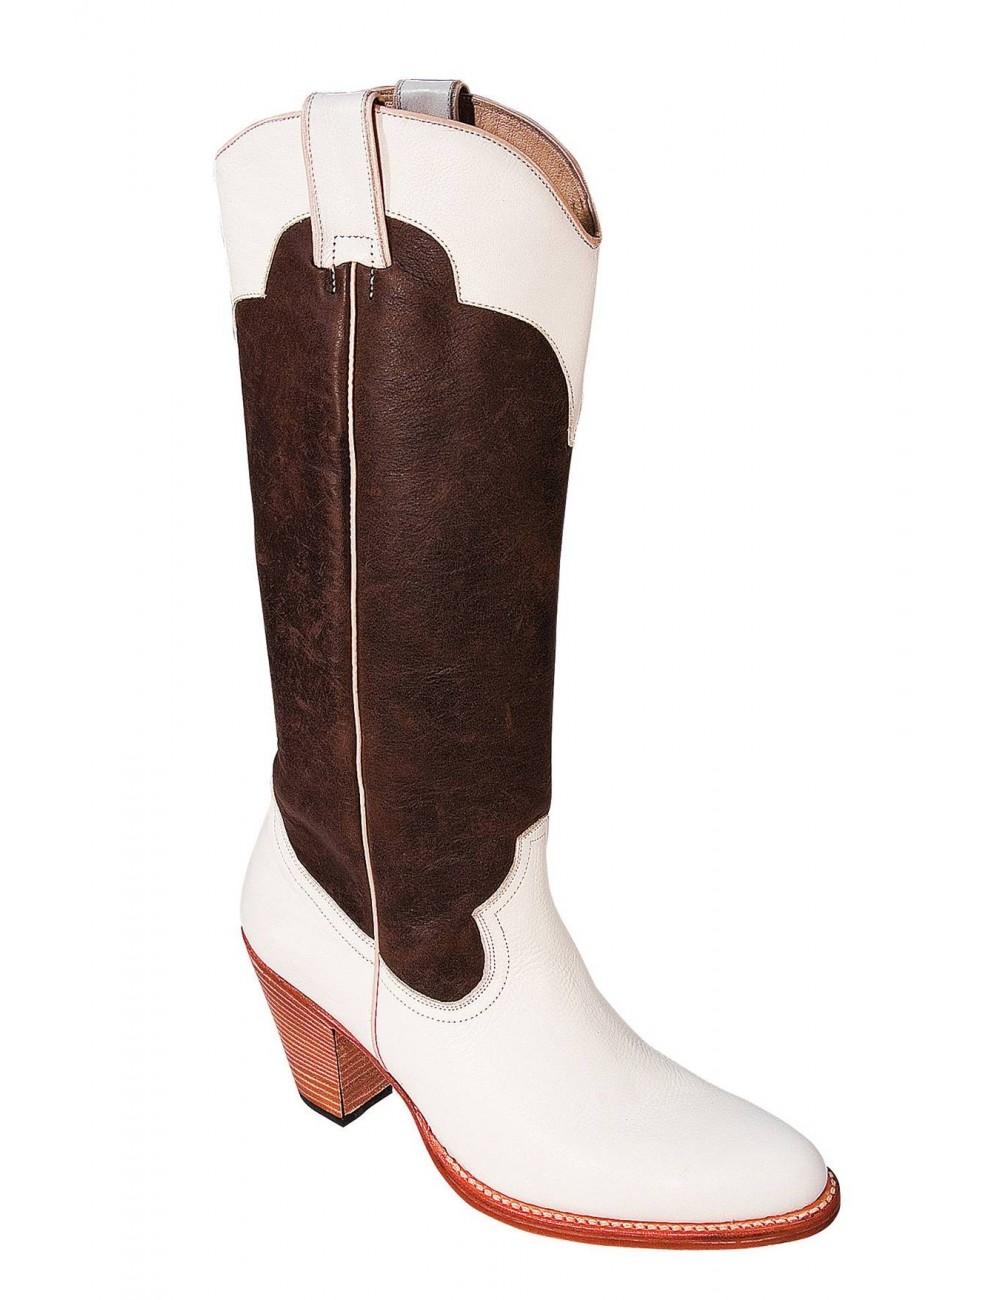 Santiags sur mesure - Bottes santiags cuir originales sur mesure femme